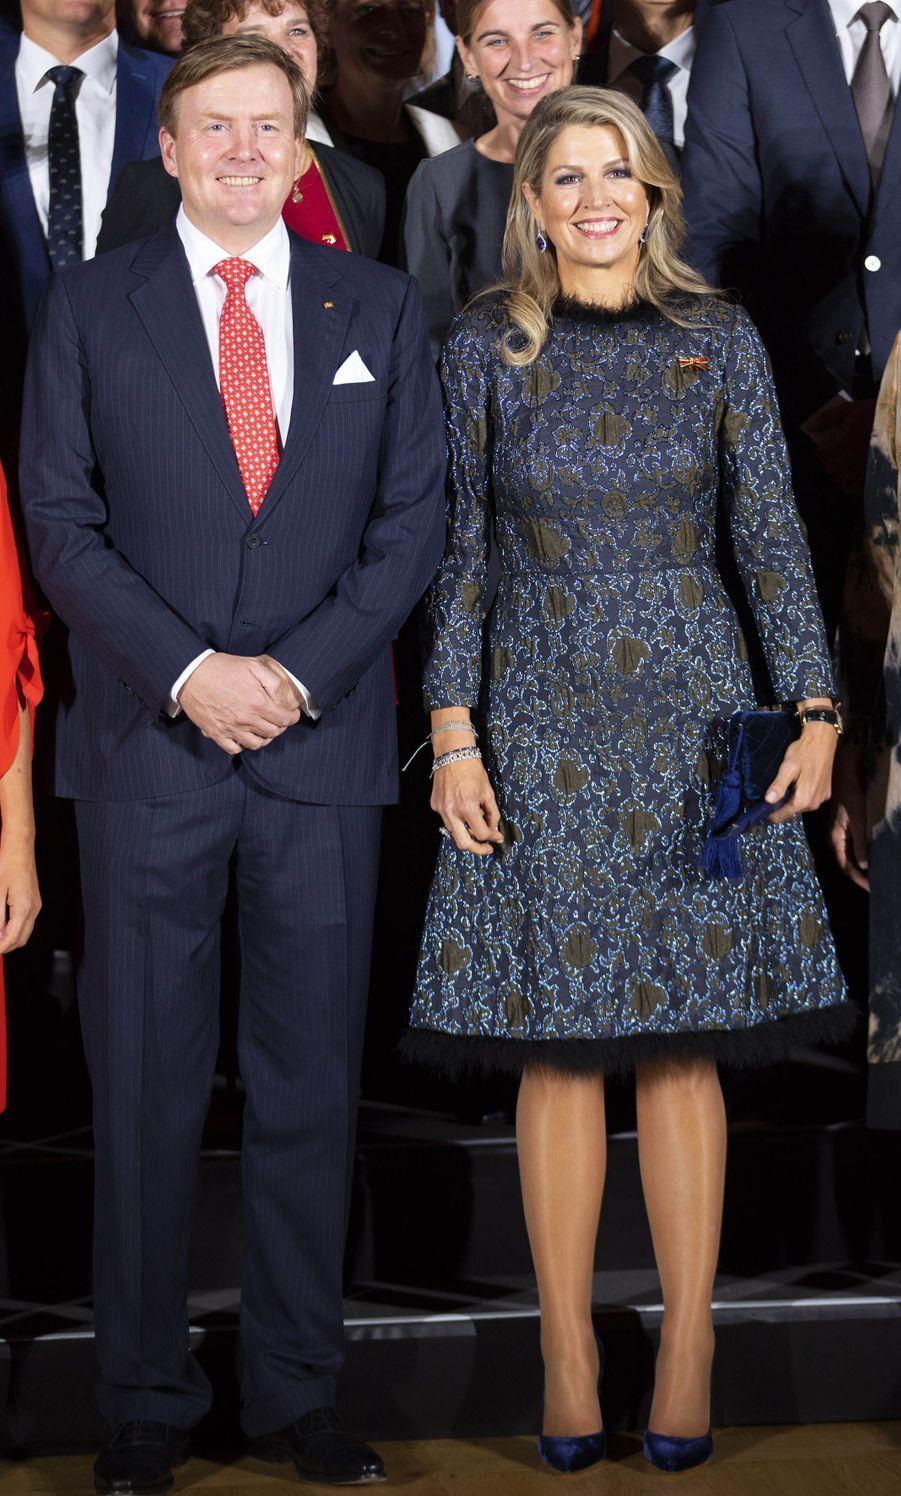 La reine Maxima des Pays-Bas, dans une robe Natan, en Allemagne le 10 octobre 2018 au soir